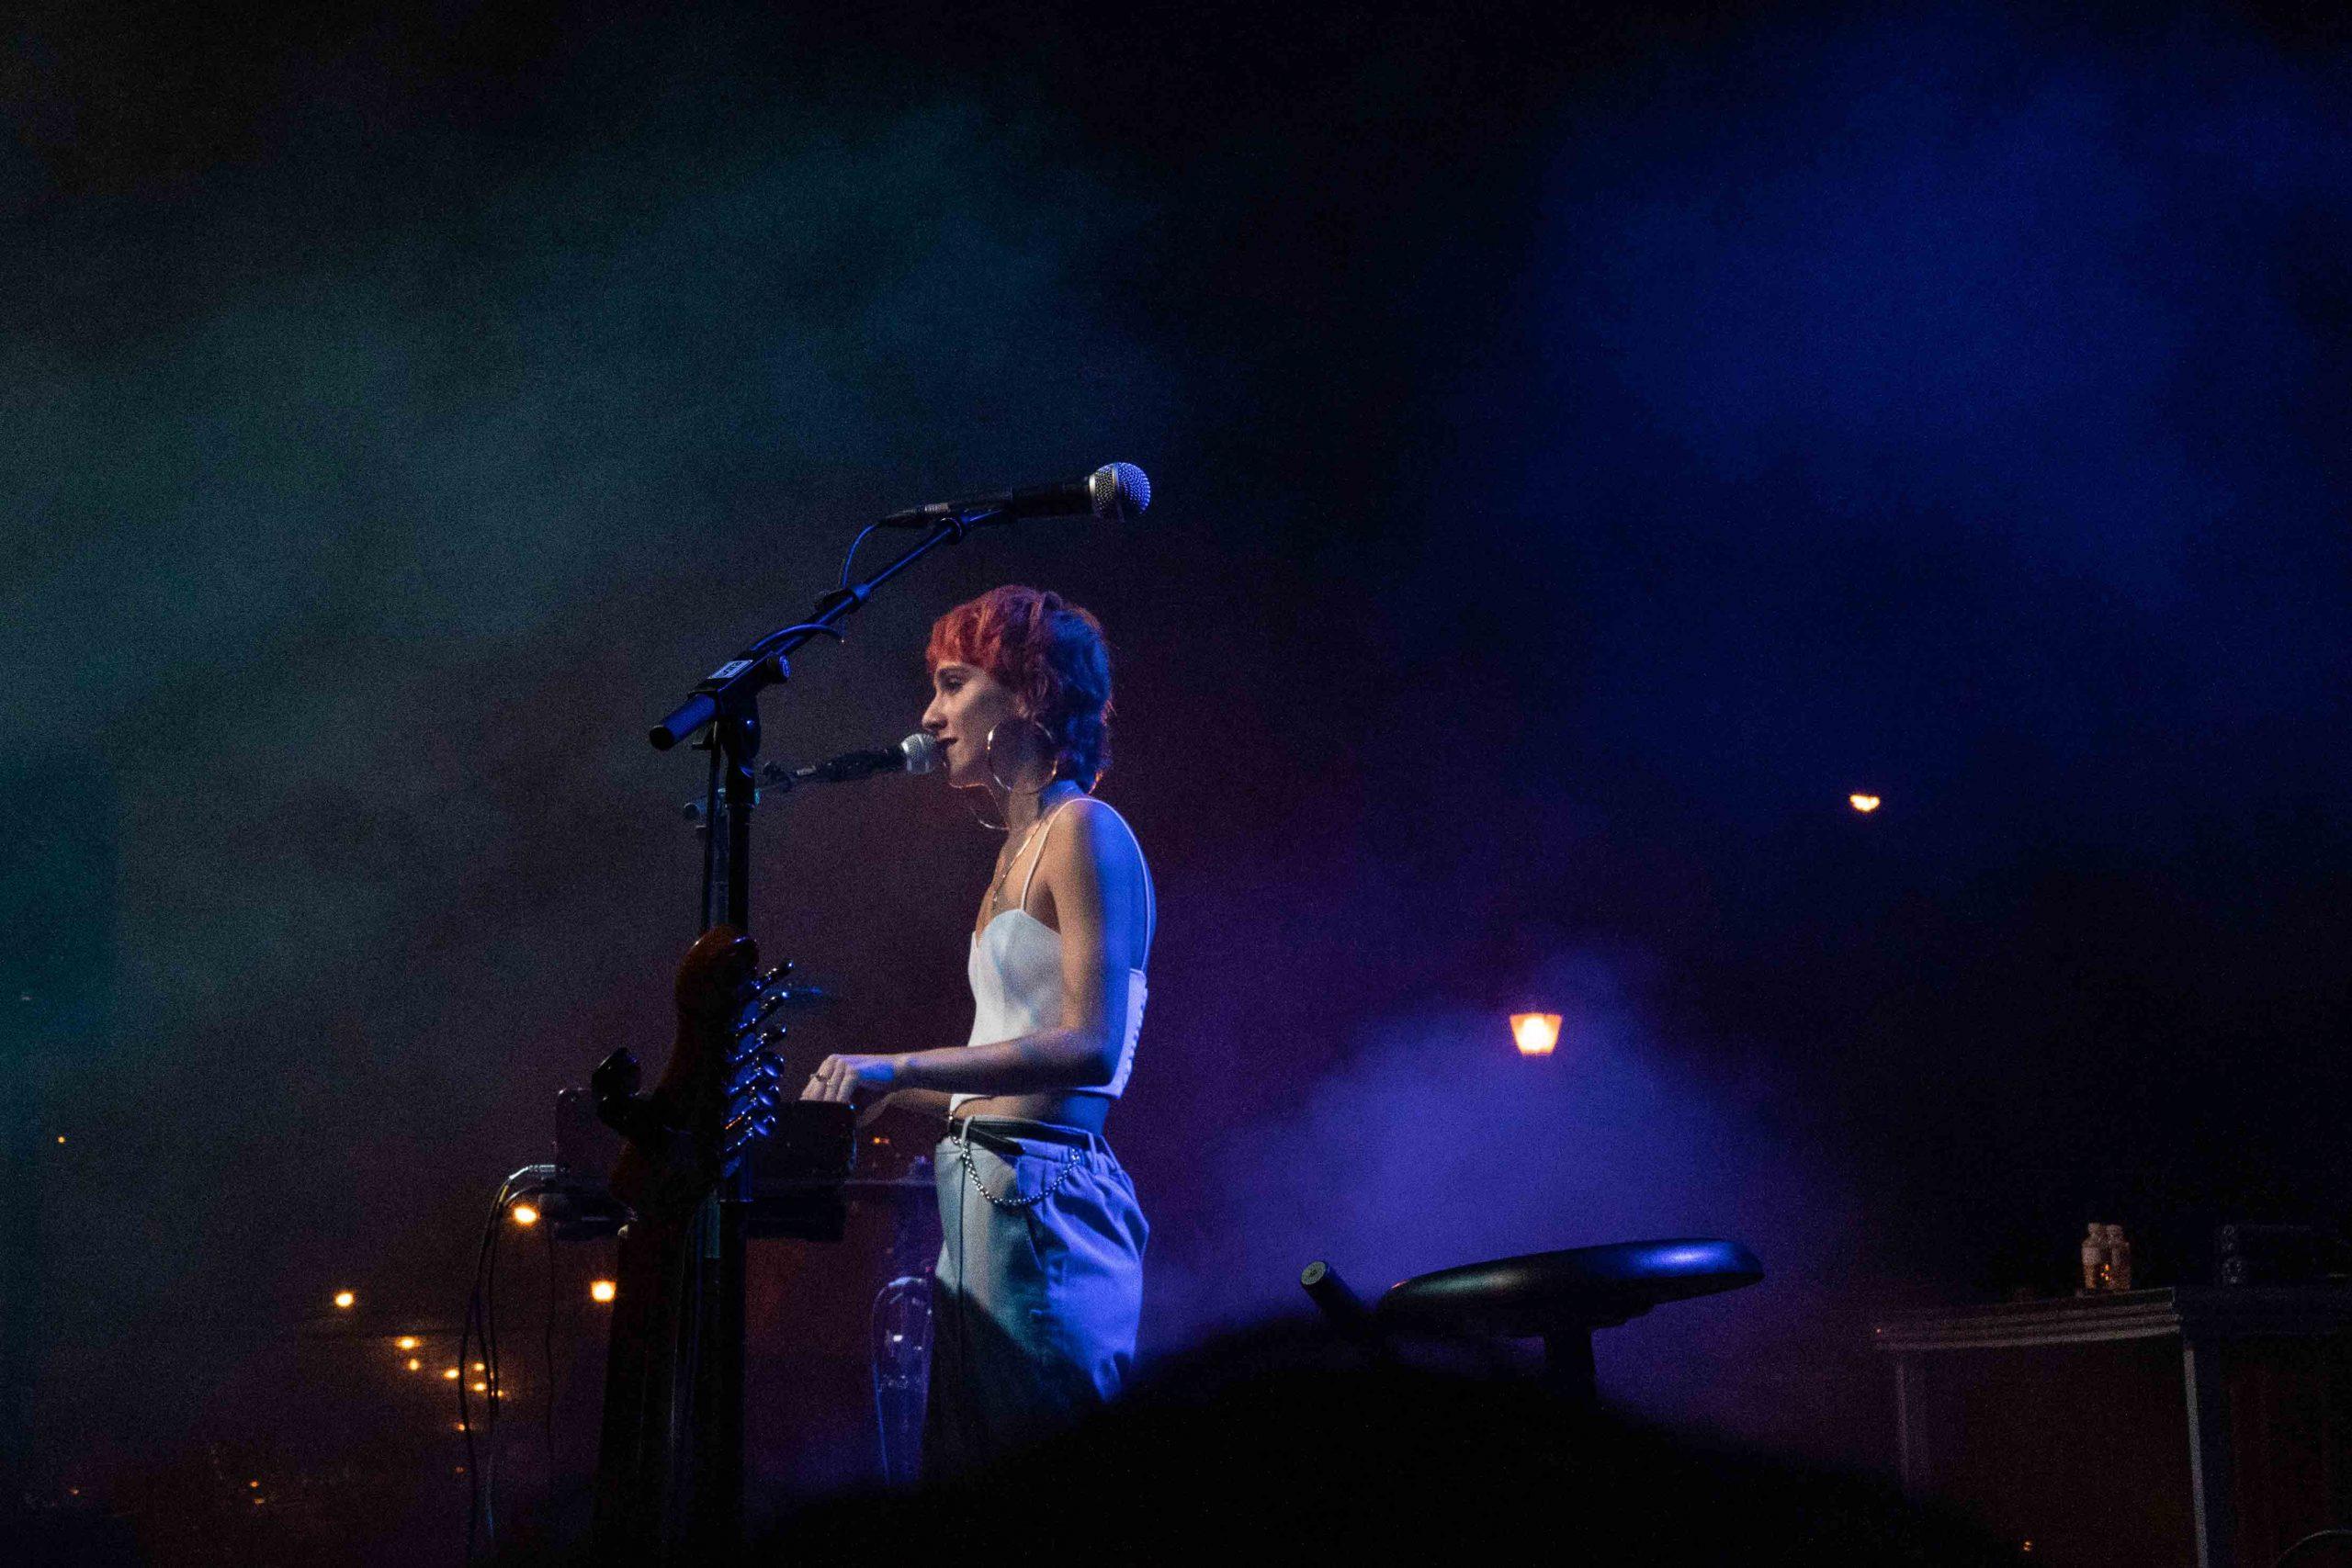 Ede tocando el piano en su actuación durante el MAF 2021